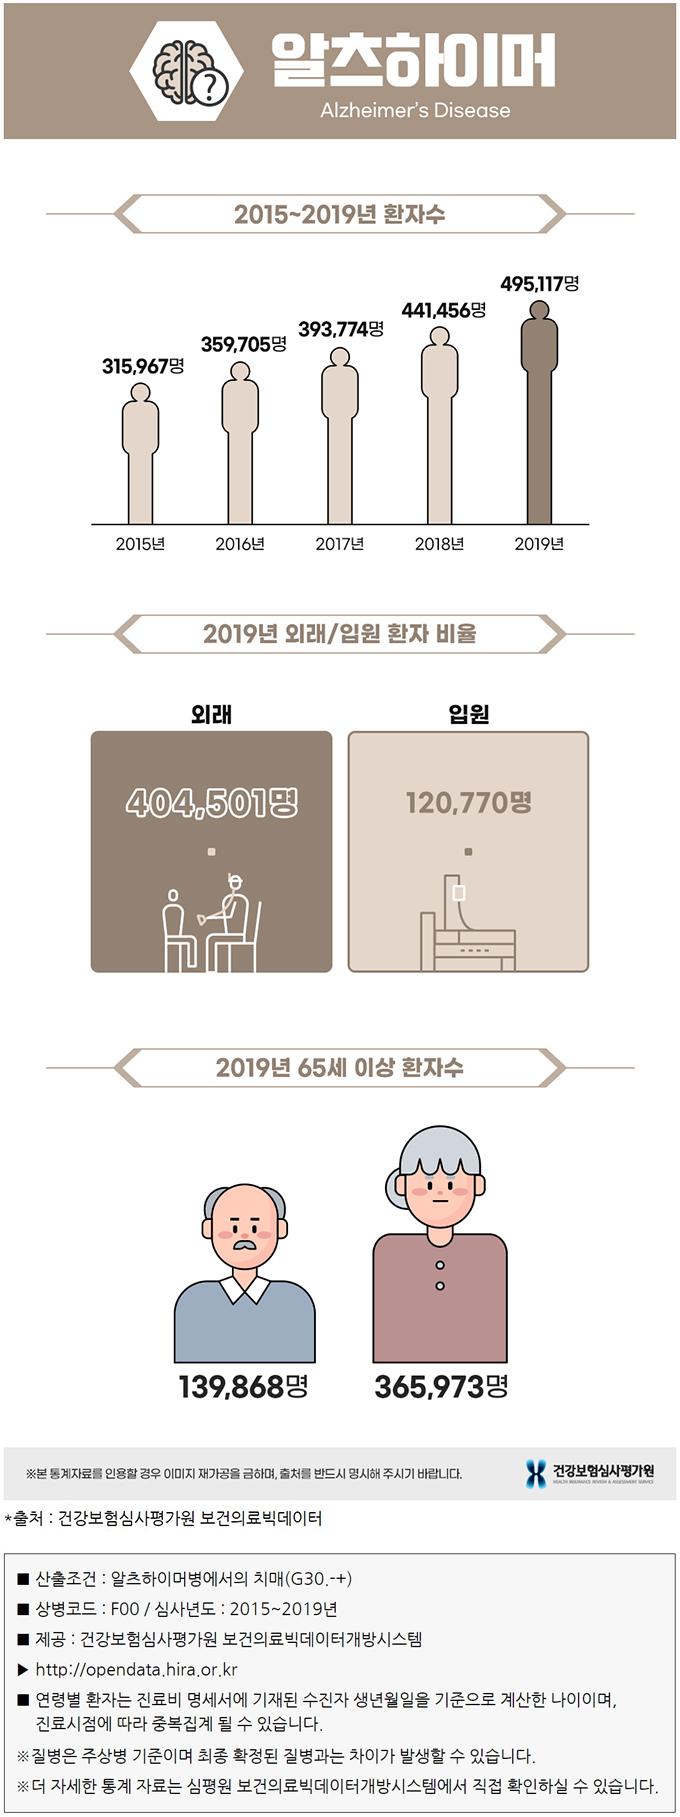 알츠하이머 통계자료